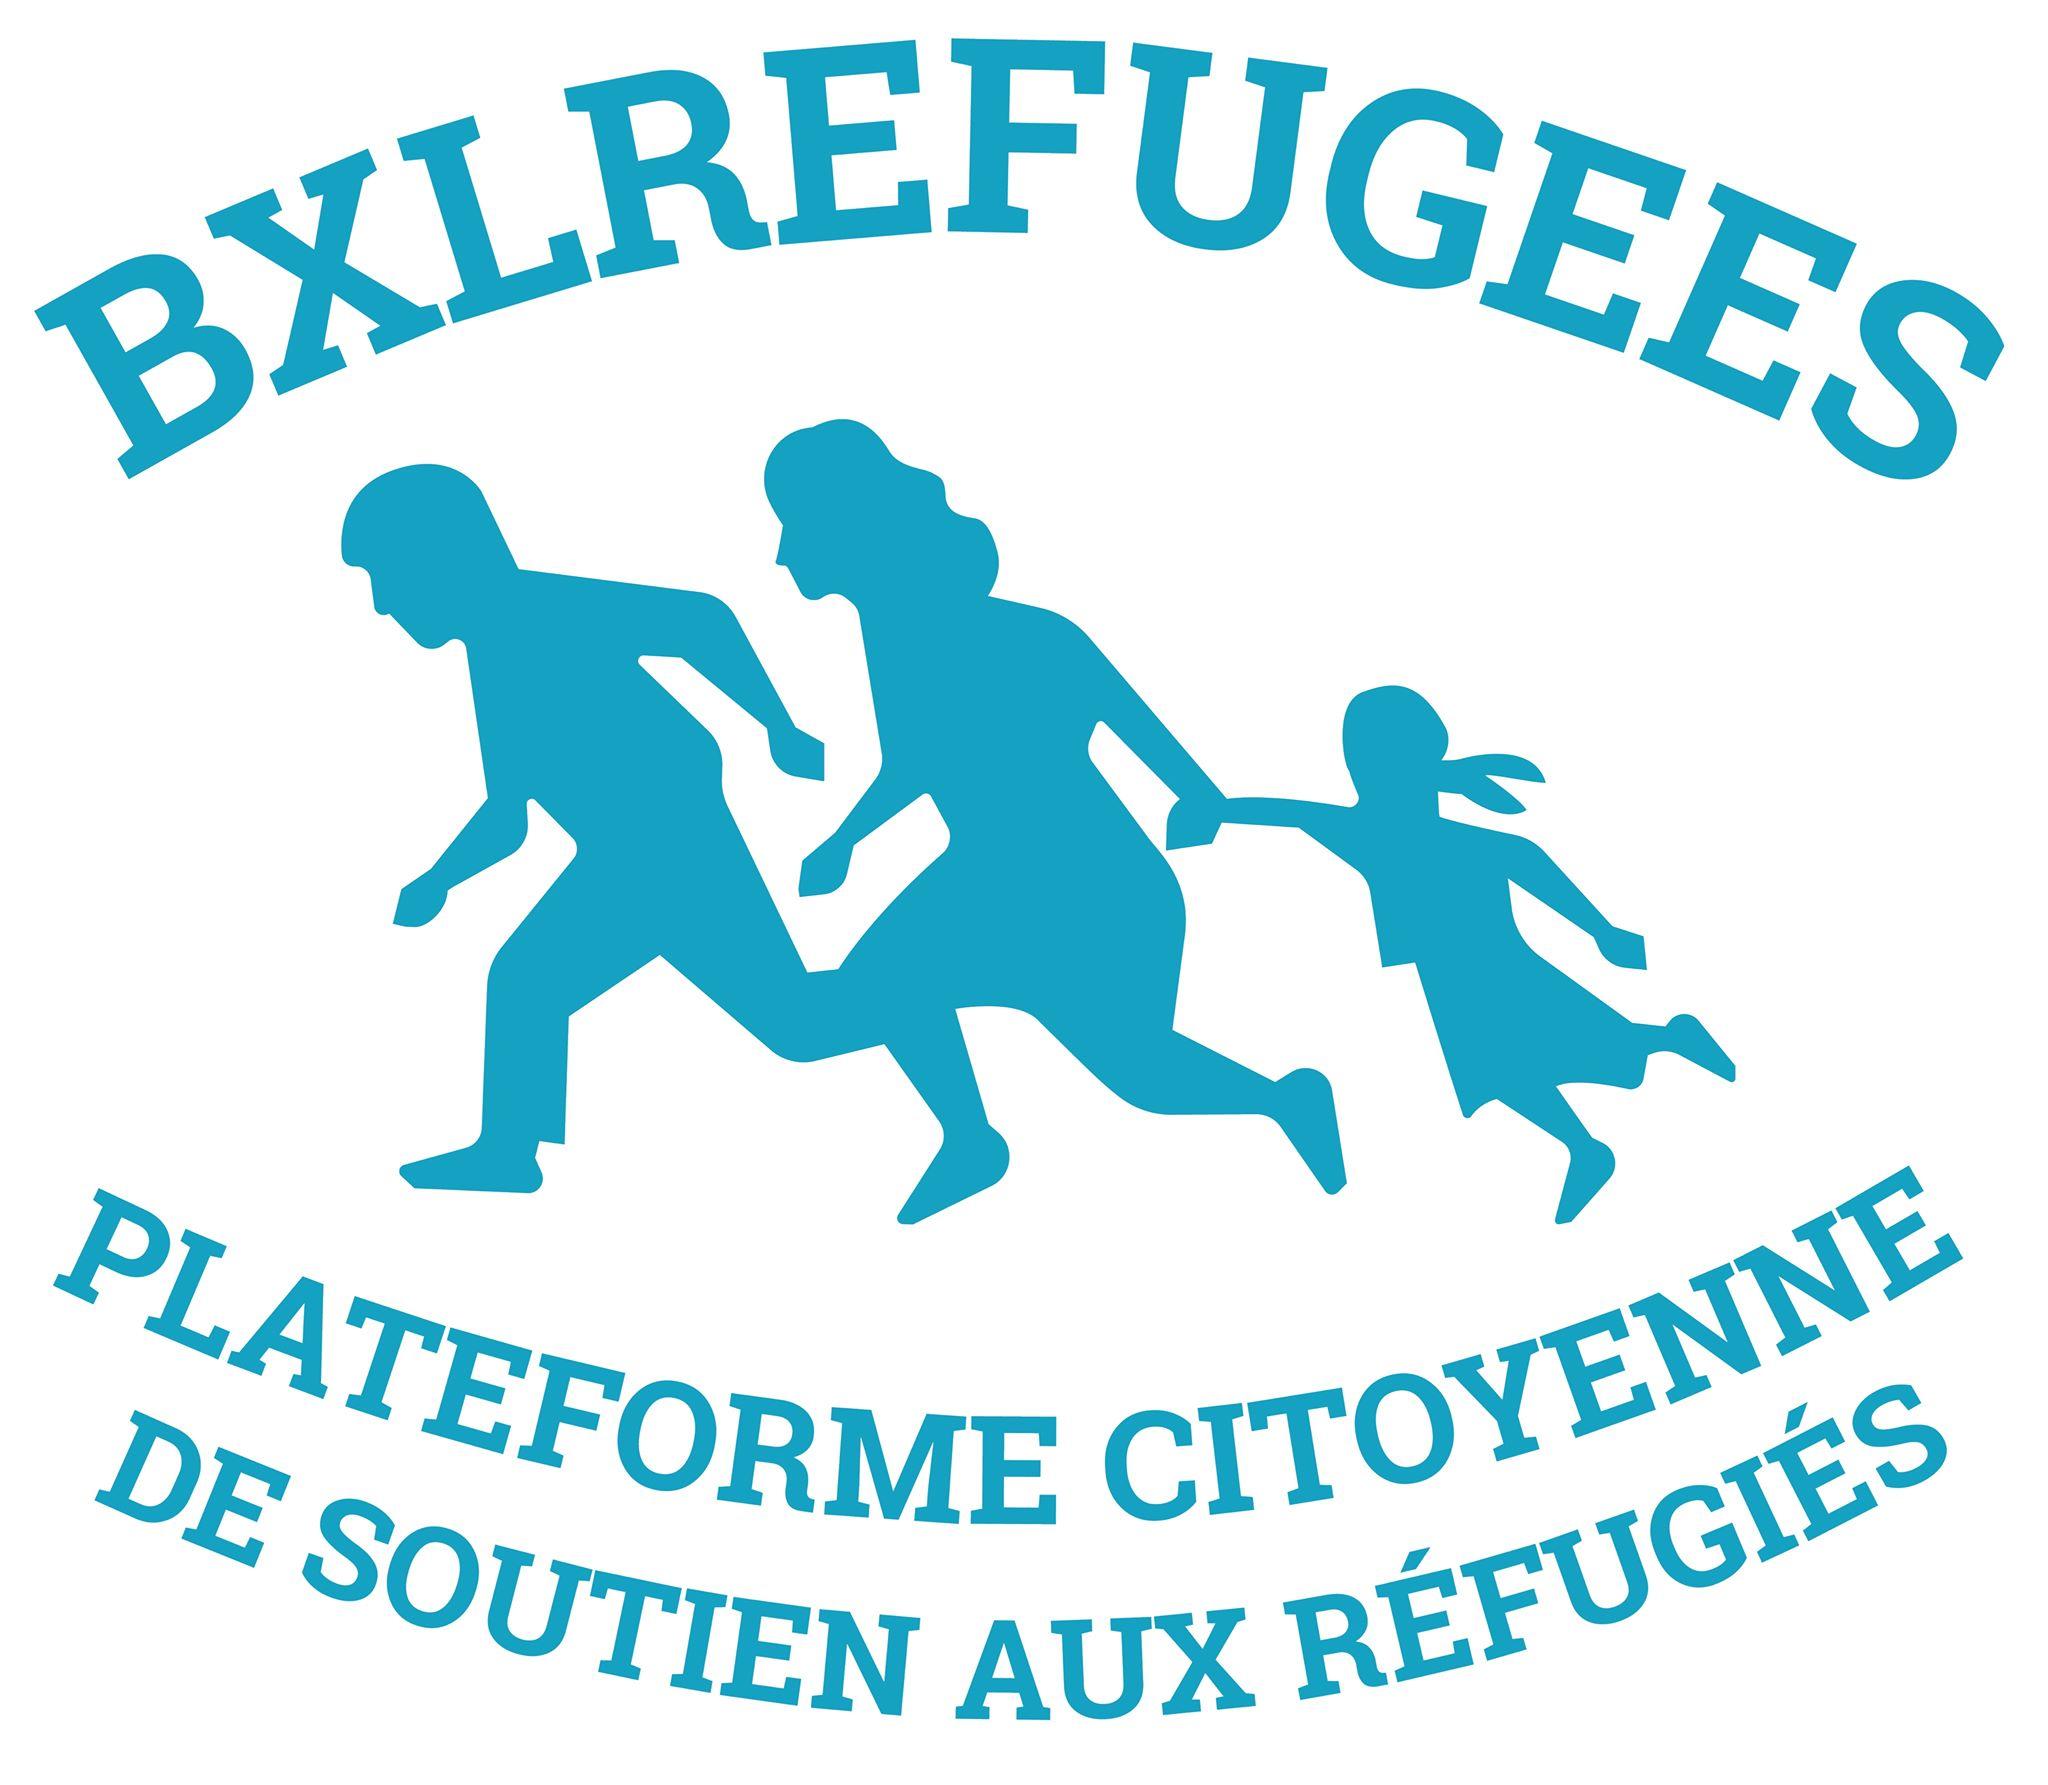 Aide aux réfugiés - Logo